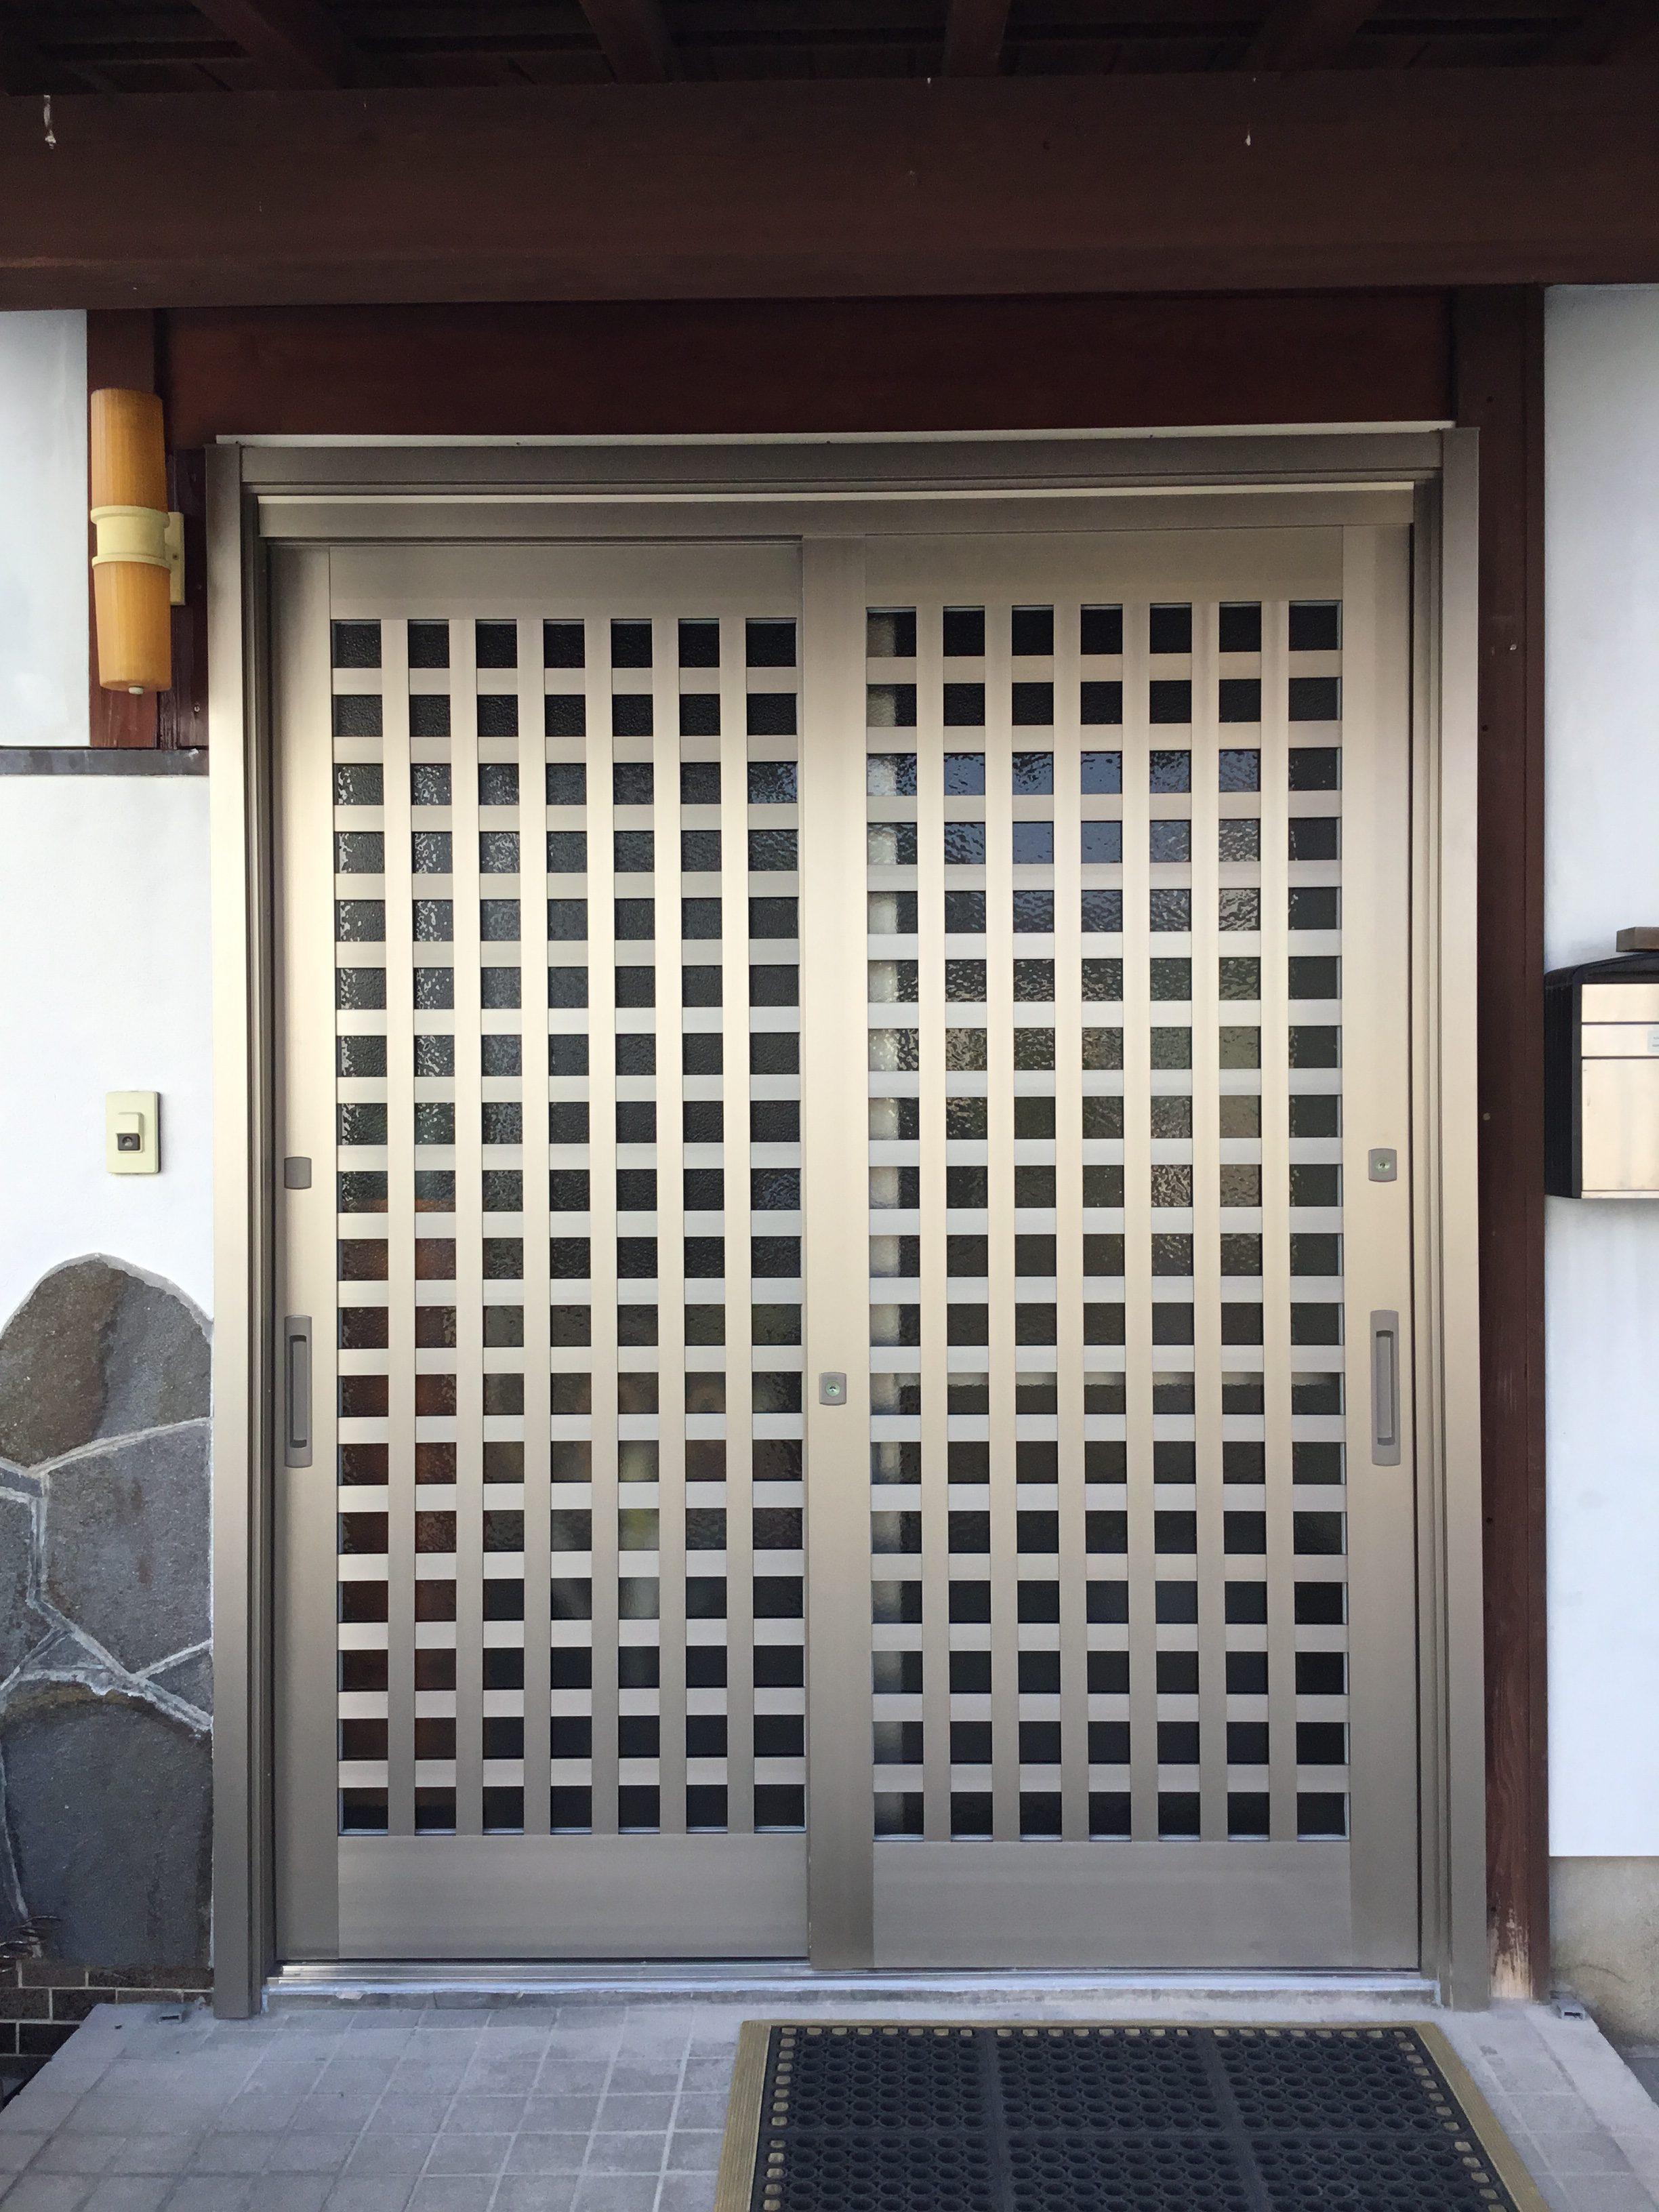 福岡トーヨー 大牟田店の玄関 引違戸 リシェントの施工事例写真